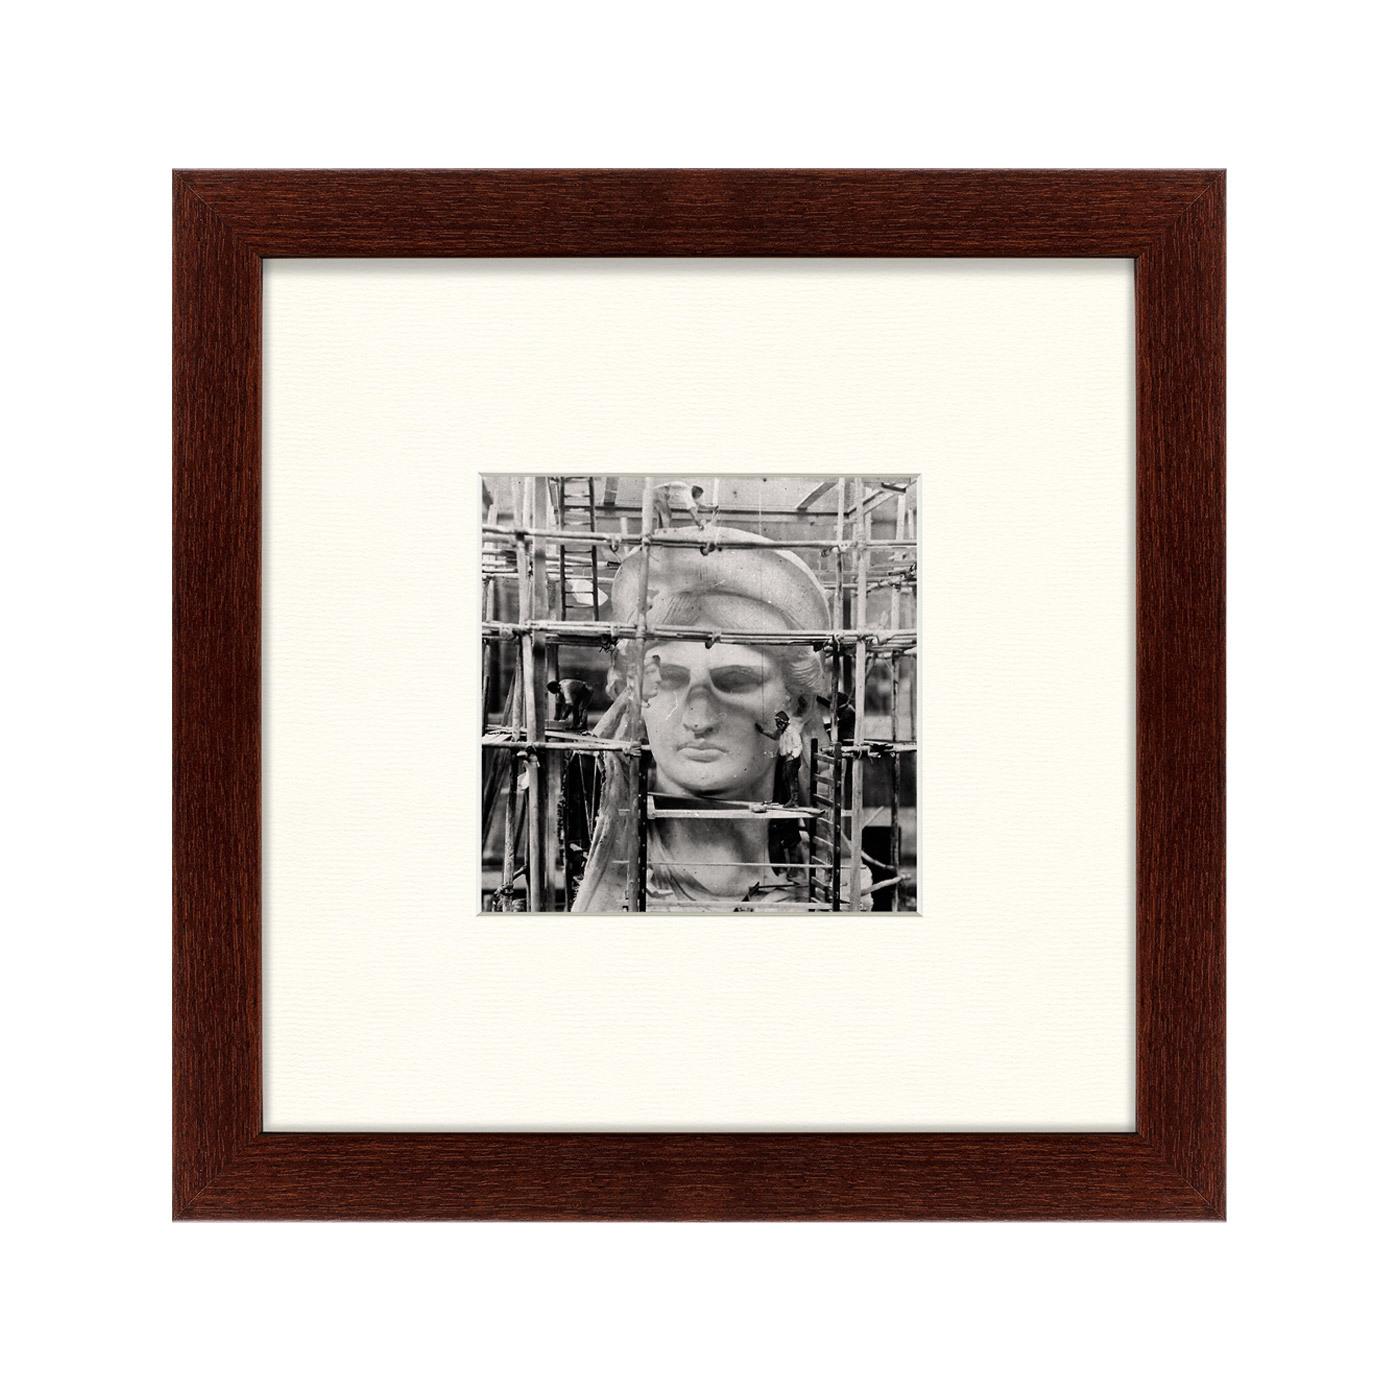 {} Картины в Квартиру Картина Строительство Статуи Свободы (35х35 см) картины в квартиру картина опасные домохозяйки 2 35х35 см